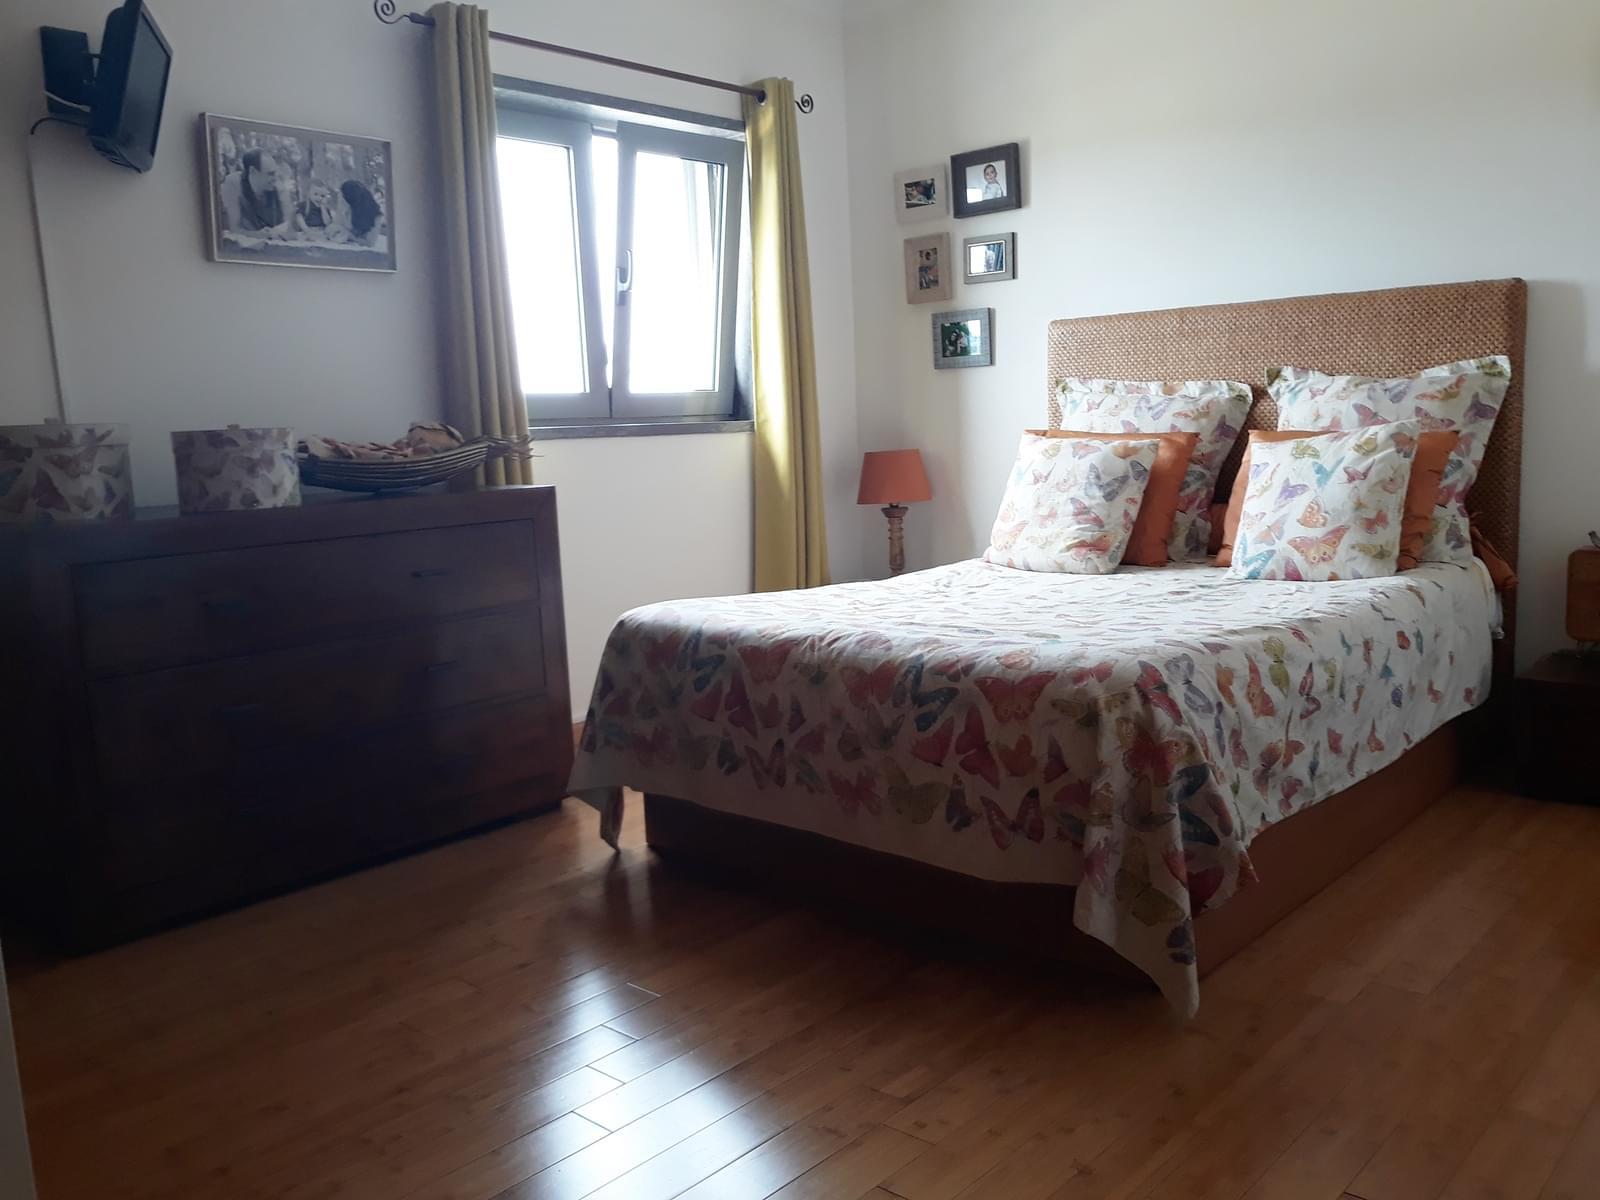 pf17498-apartamento-t2-cascais-70cb87d7-aea3-42bf-8936-f2d063f3c653